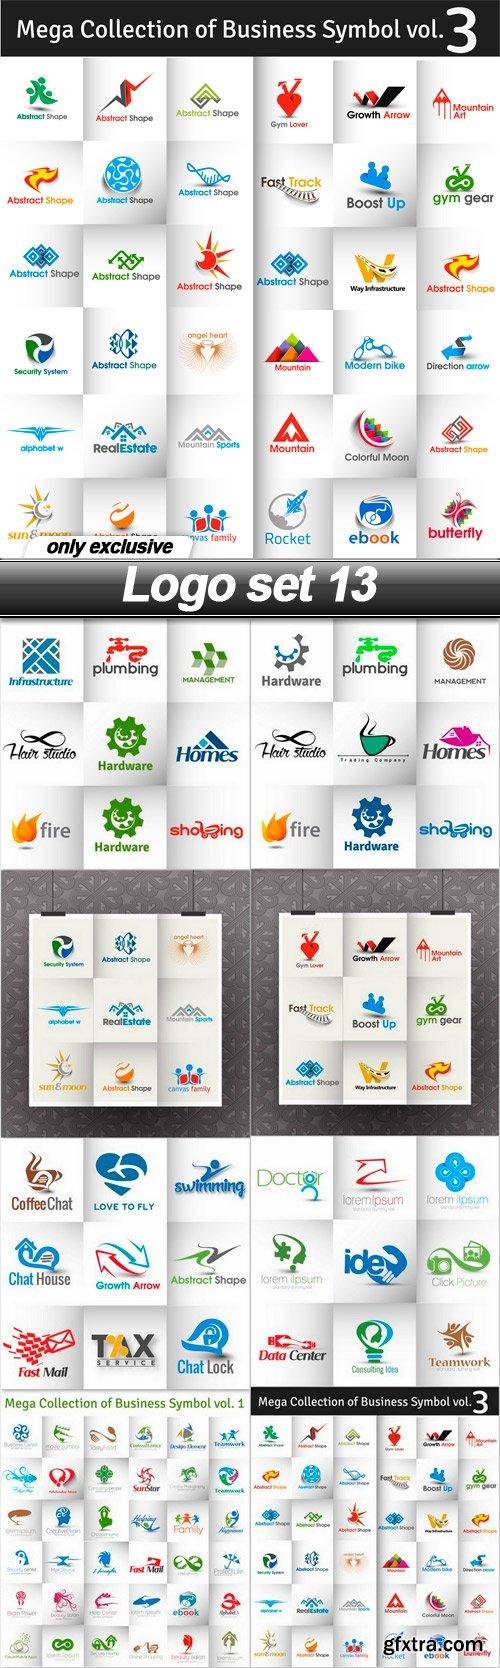 Logo set 13 - 8 EPS